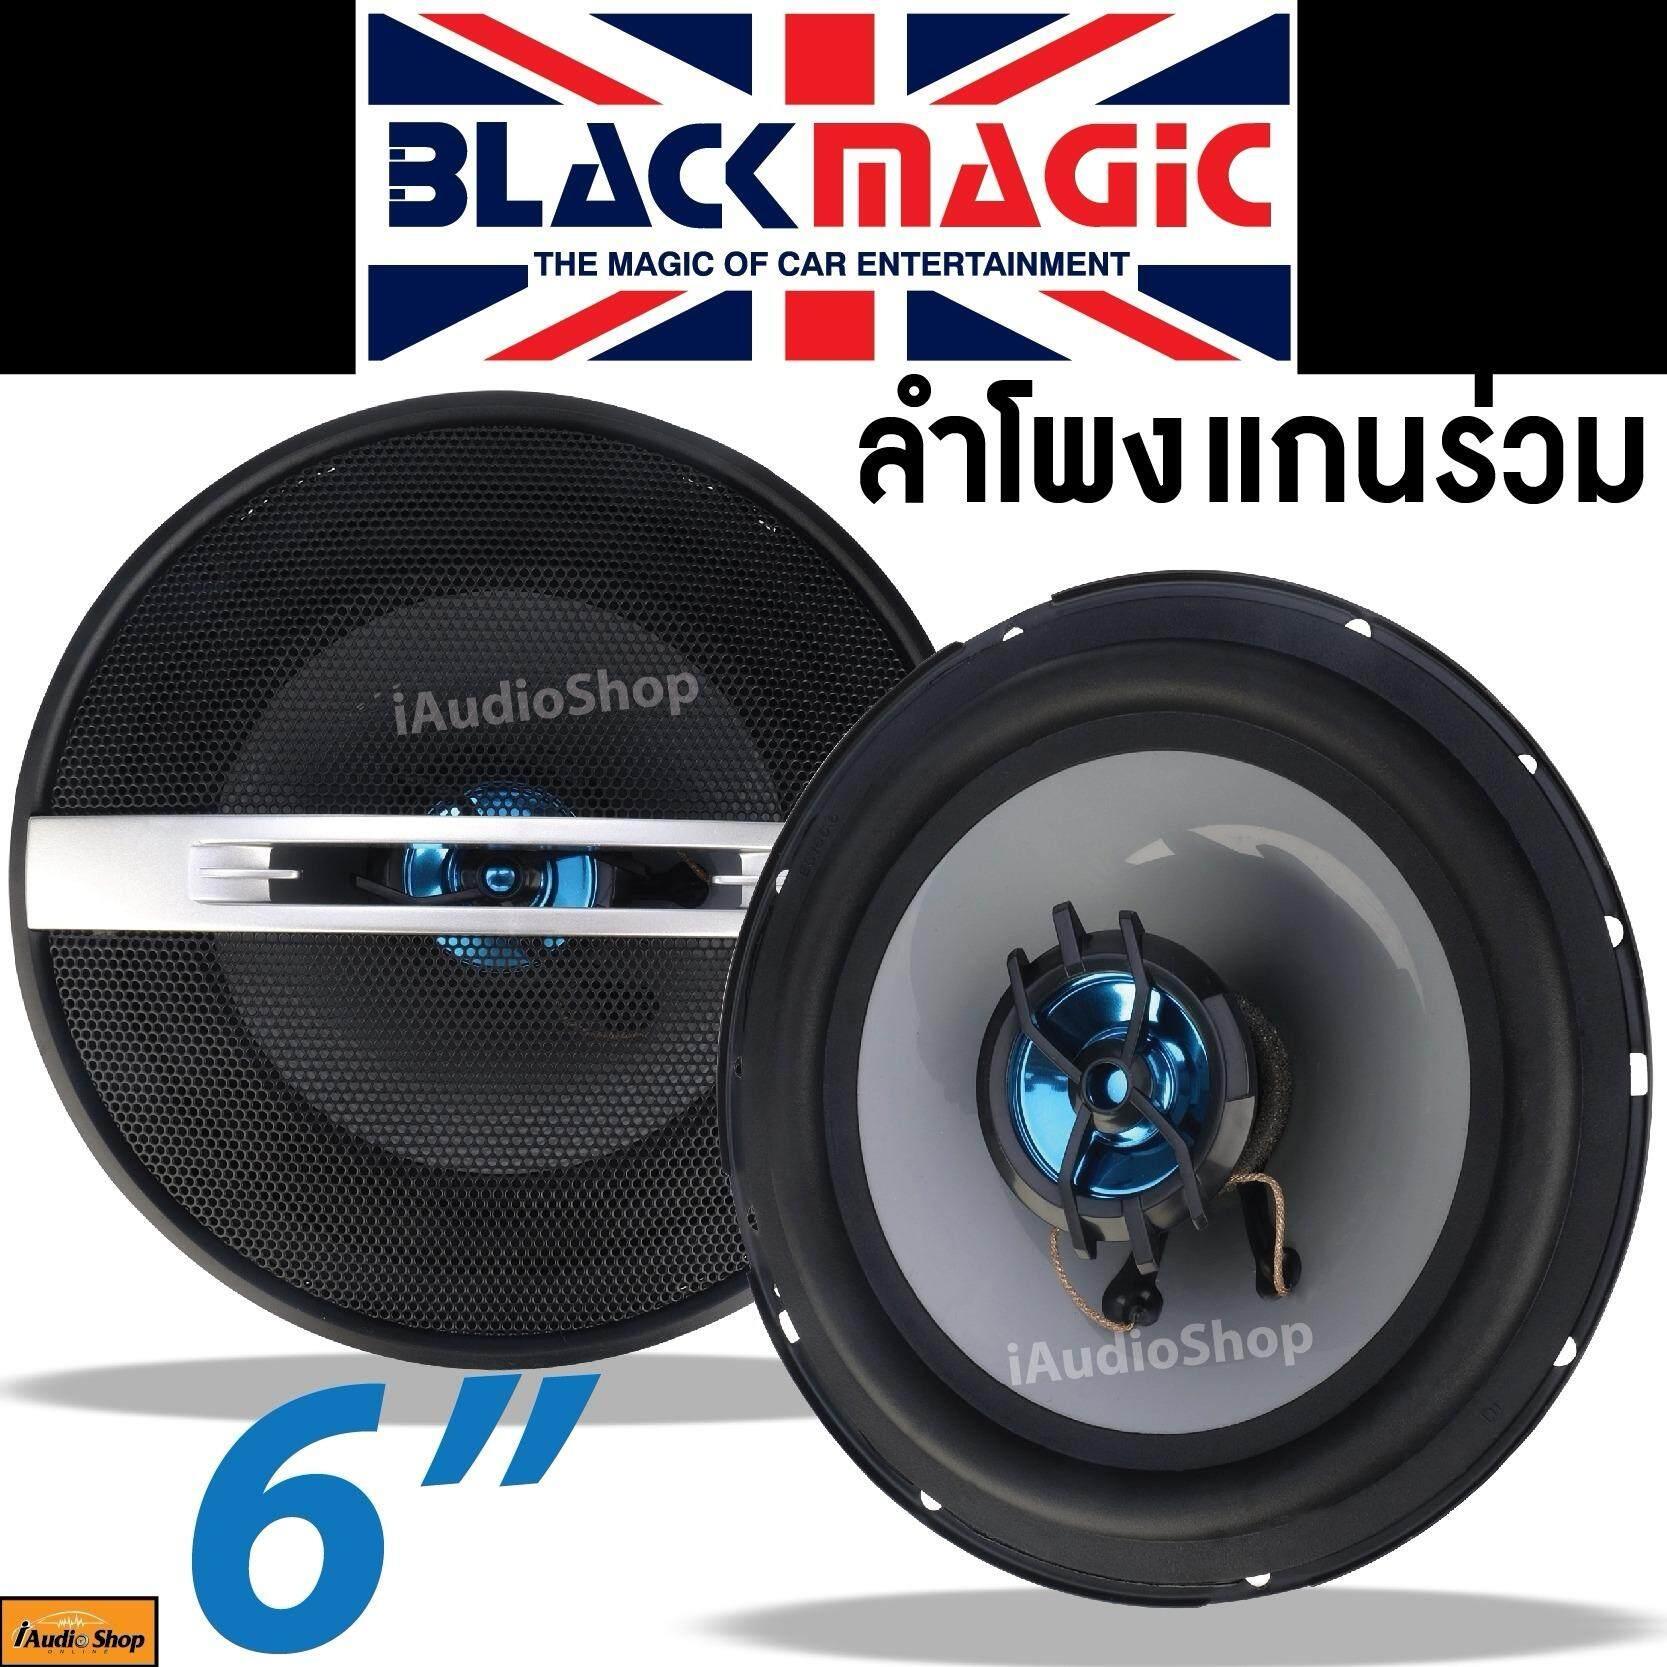 ขาย Black Magic Seriesd By Hurricane ลำโพงแกนร่วม ลำโพงติดรถยนต์ ลำโพงรวมชิ้น ลำโพง ลำโพงรถยนต์ ลำโพง6 5 เครื่องเสียงติดรถยนต์ Hp 630 จำนวน 1คู่ Black Magic ผู้ค้าส่ง